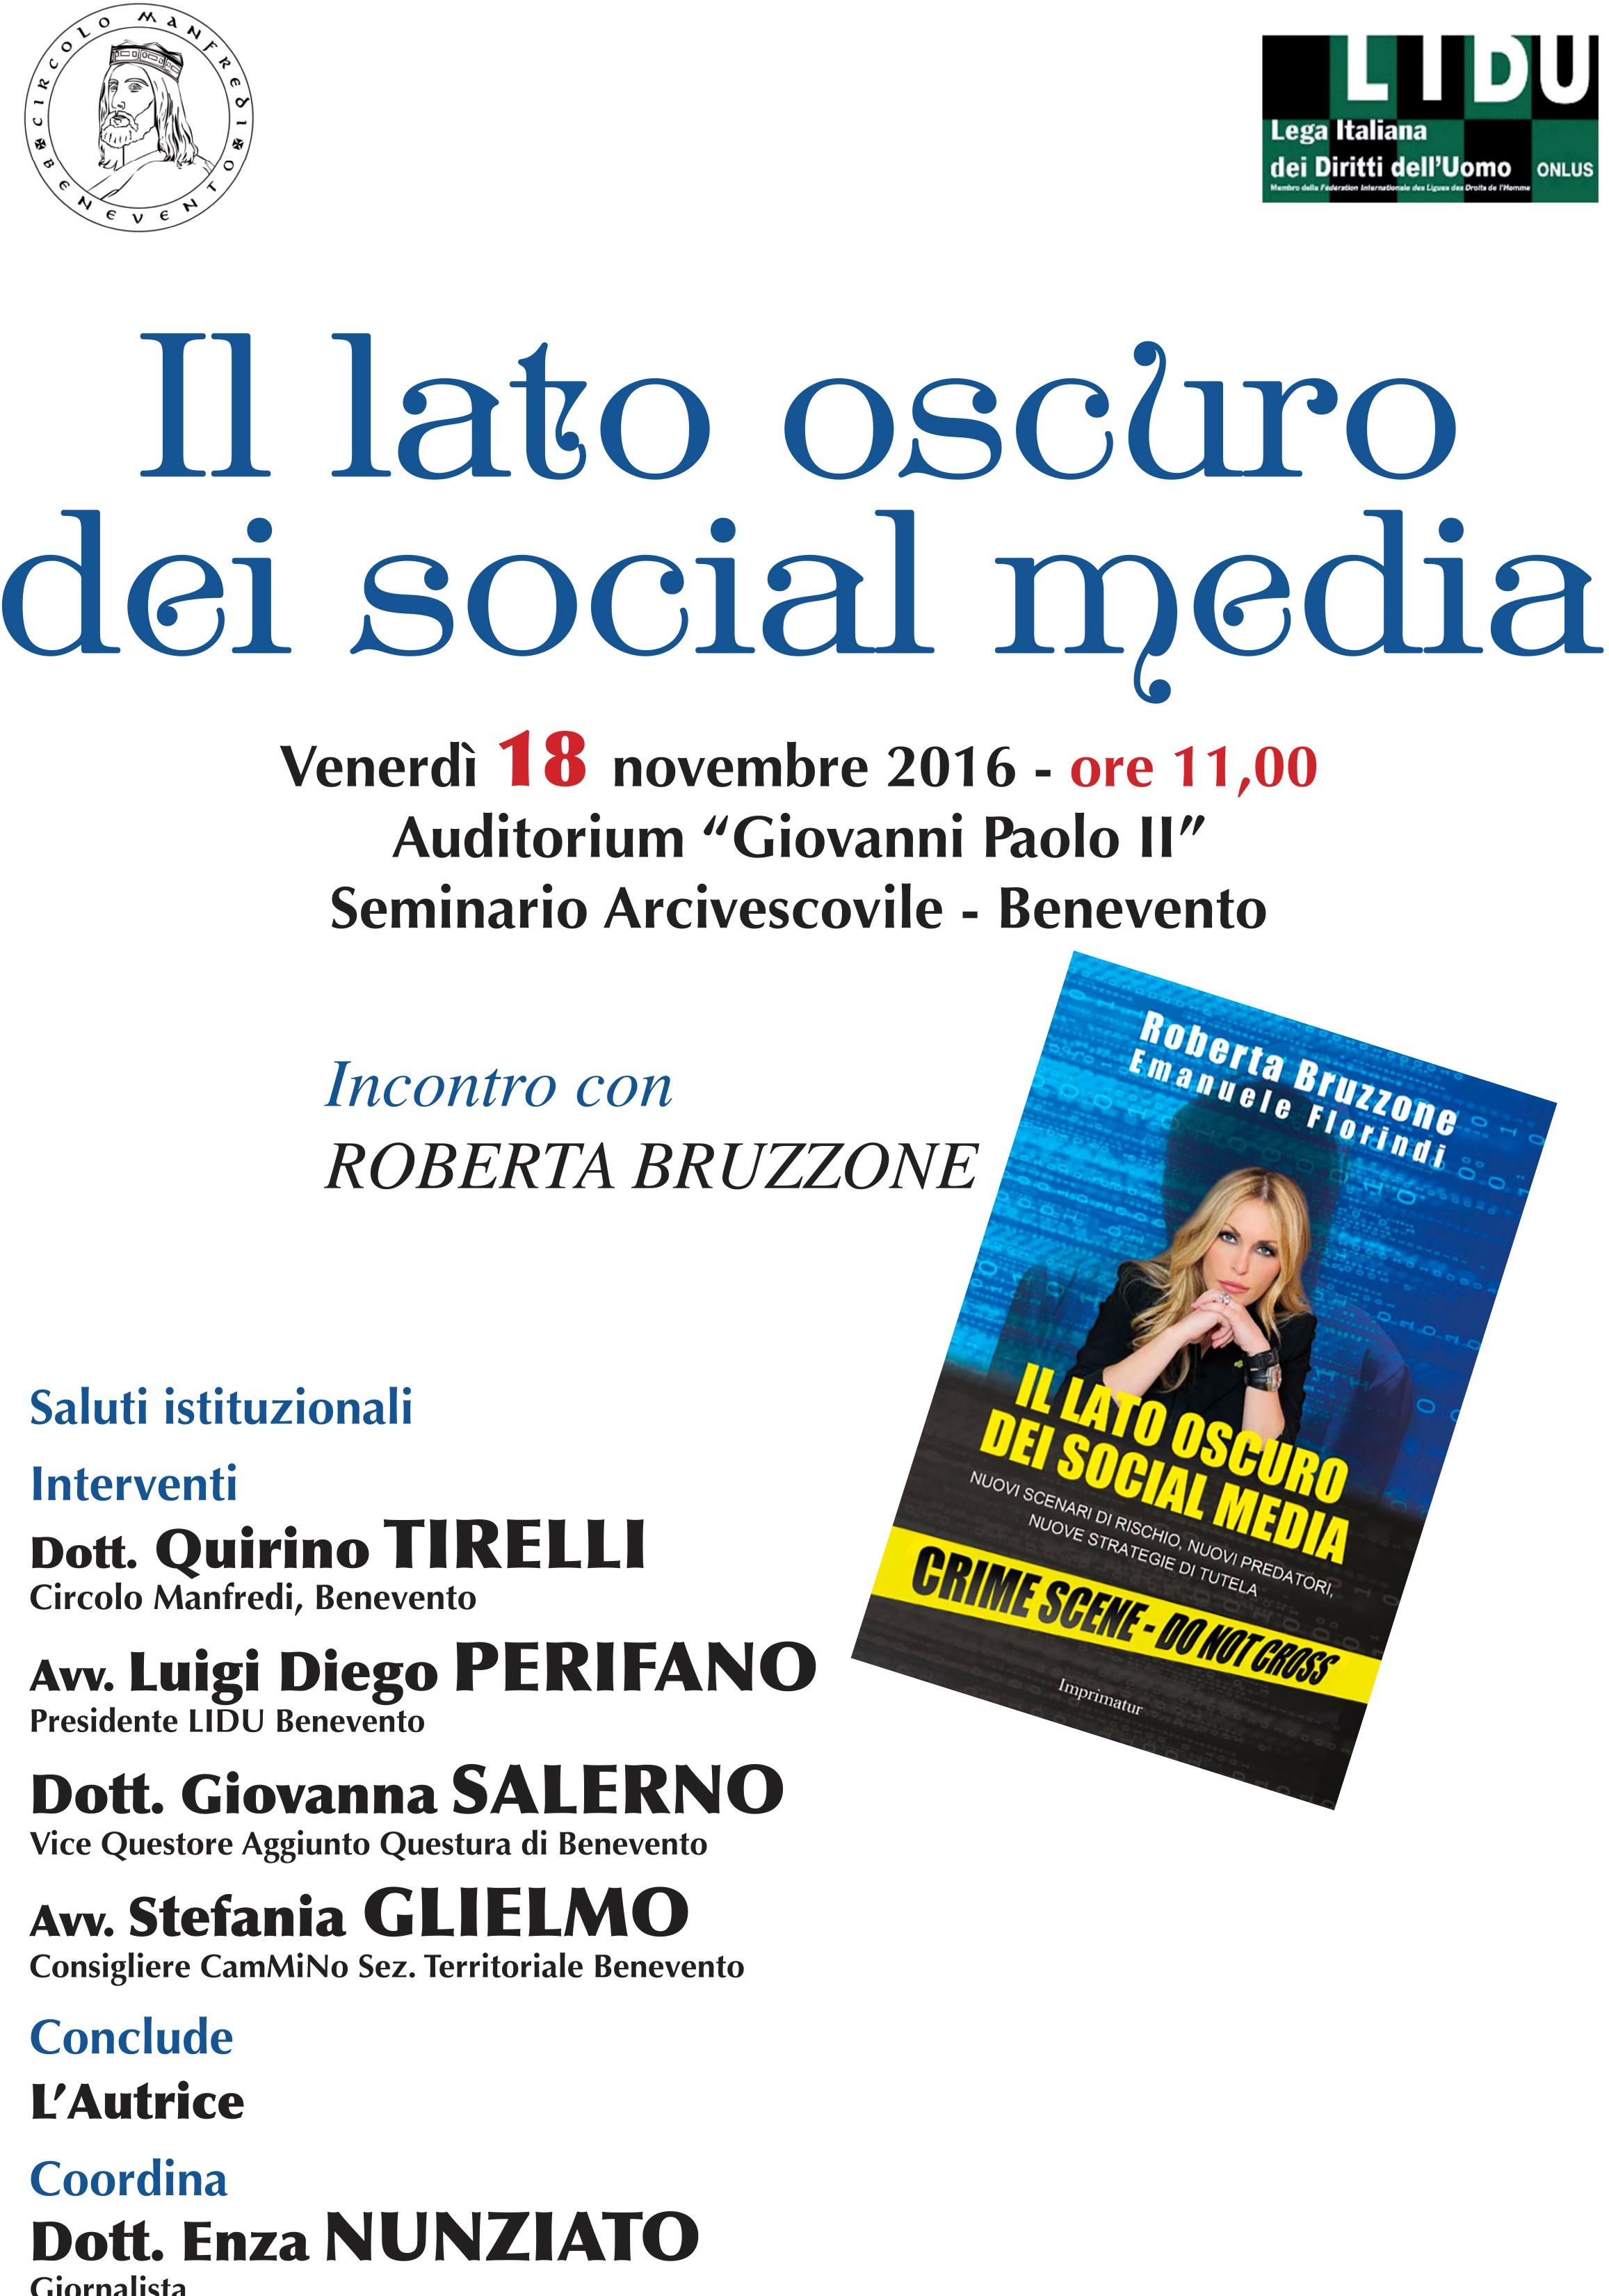 'Il lato oscuro dei social media', venerdì a Benevento seminario con la criminologa Bruzzone